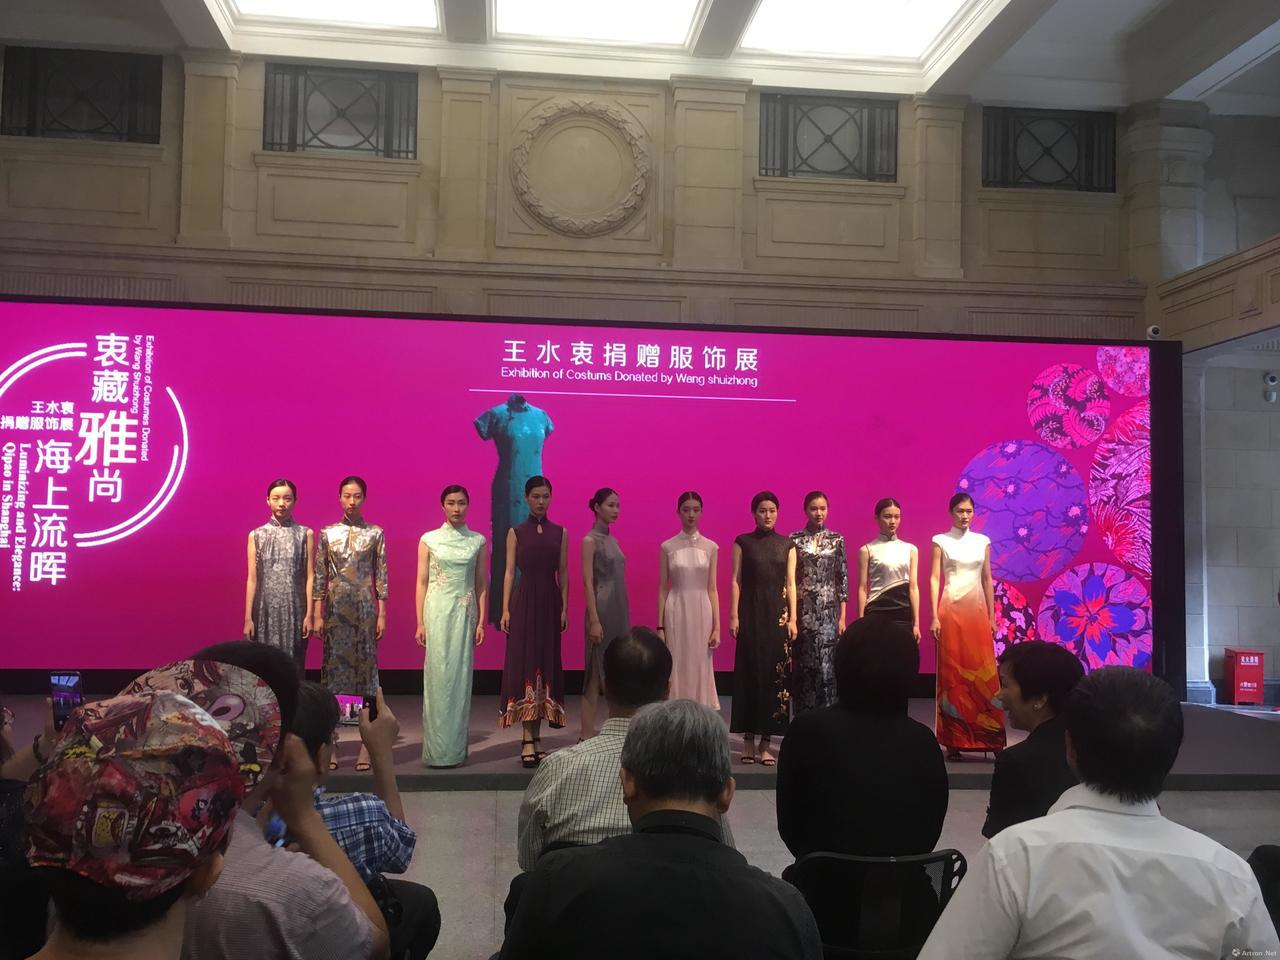 台灣收藏家、台北中華文物學會理事長王水衷捐贈海派旗袍338件給上海歷史博物館,舉...